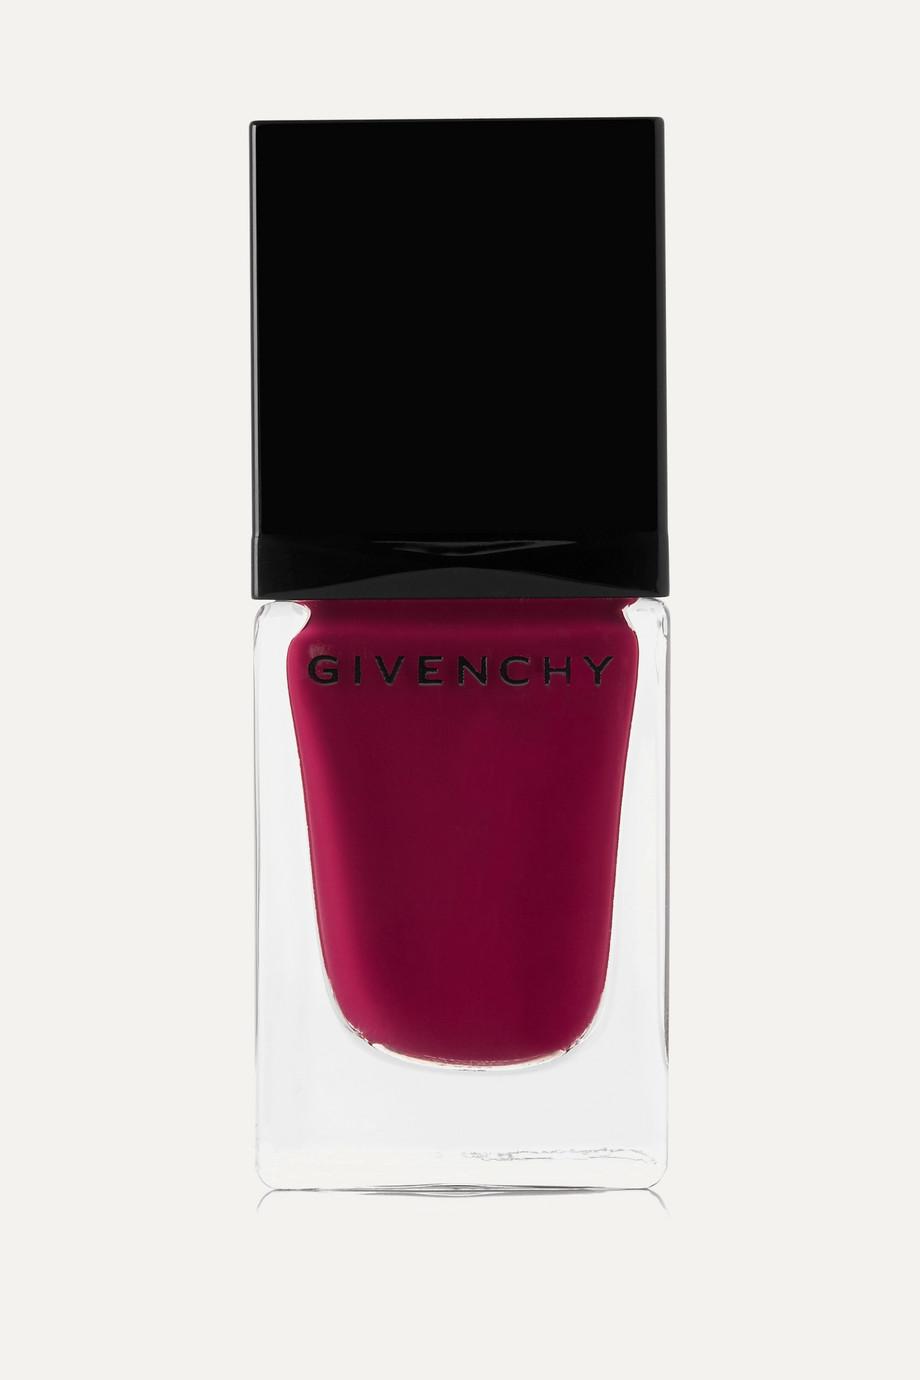 Givenchy Beauty Nail Polish - Framboise Velours 06